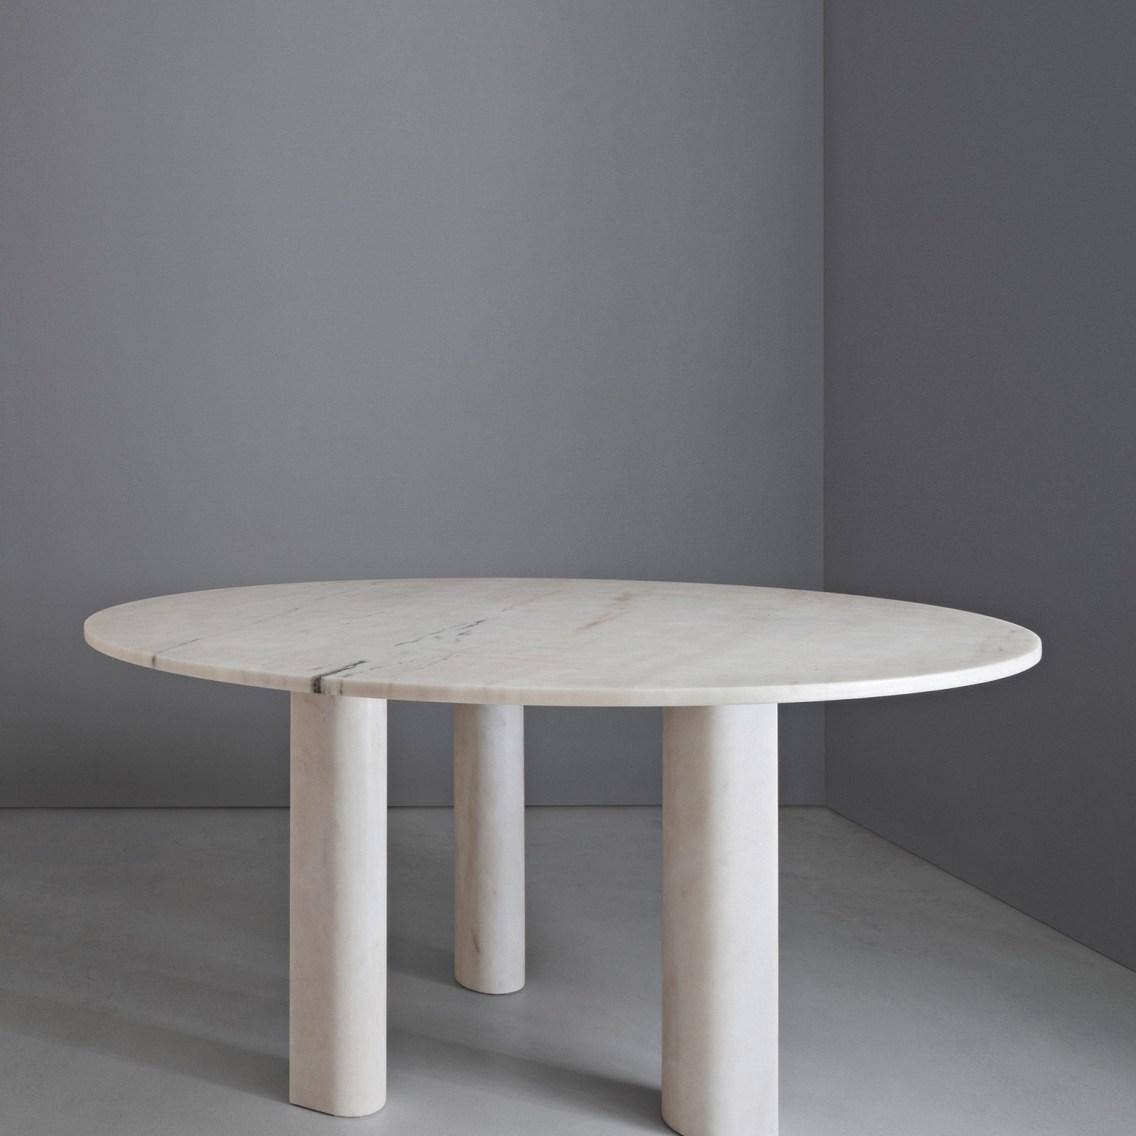 Salvatori_Table _Rosa Portogallo_01_wm